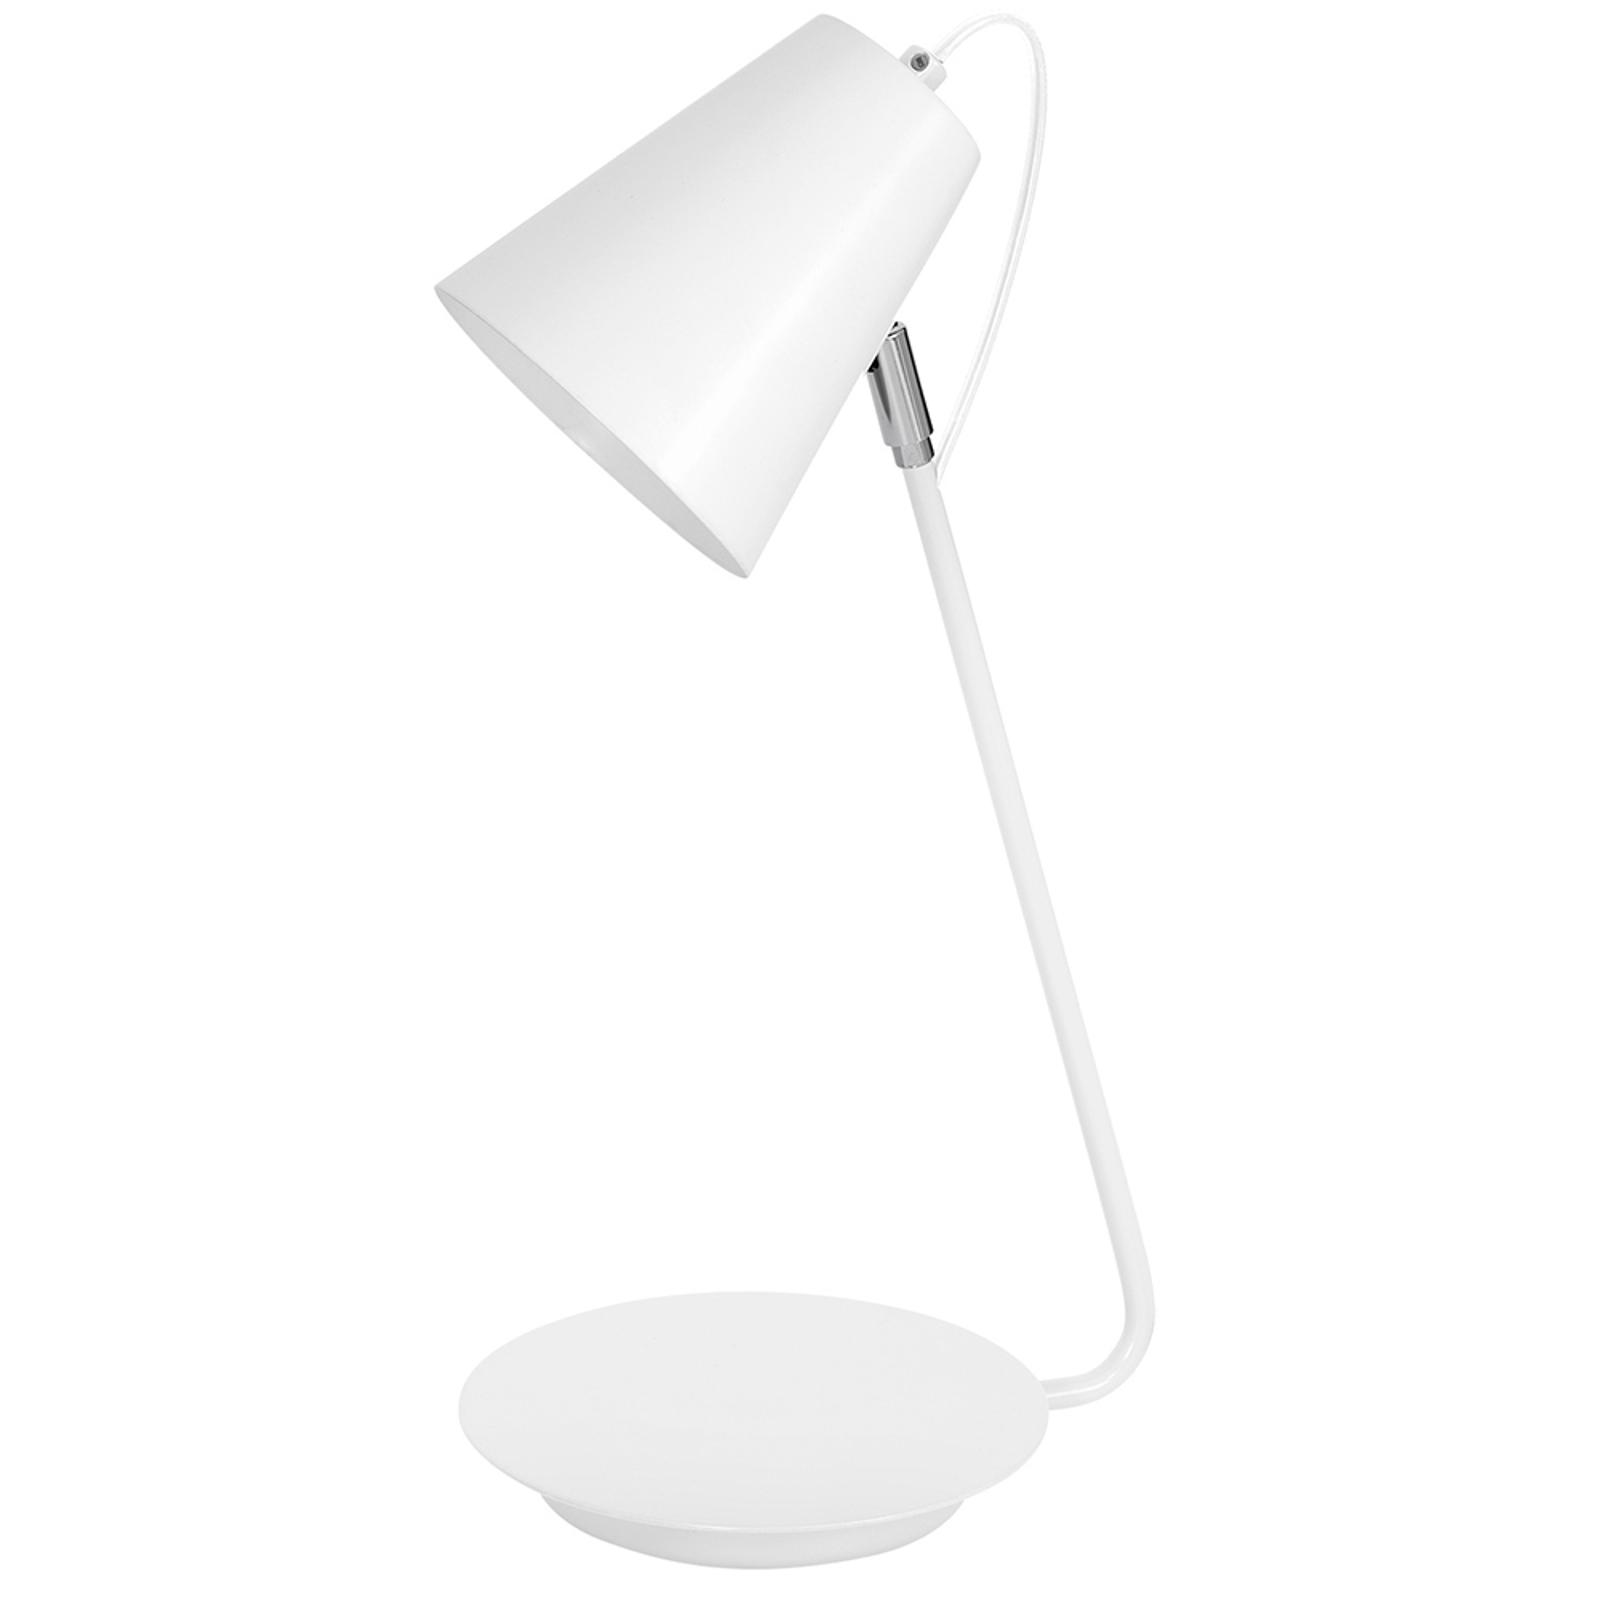 Lampe à poser 8296 conique détail chromé, blanche